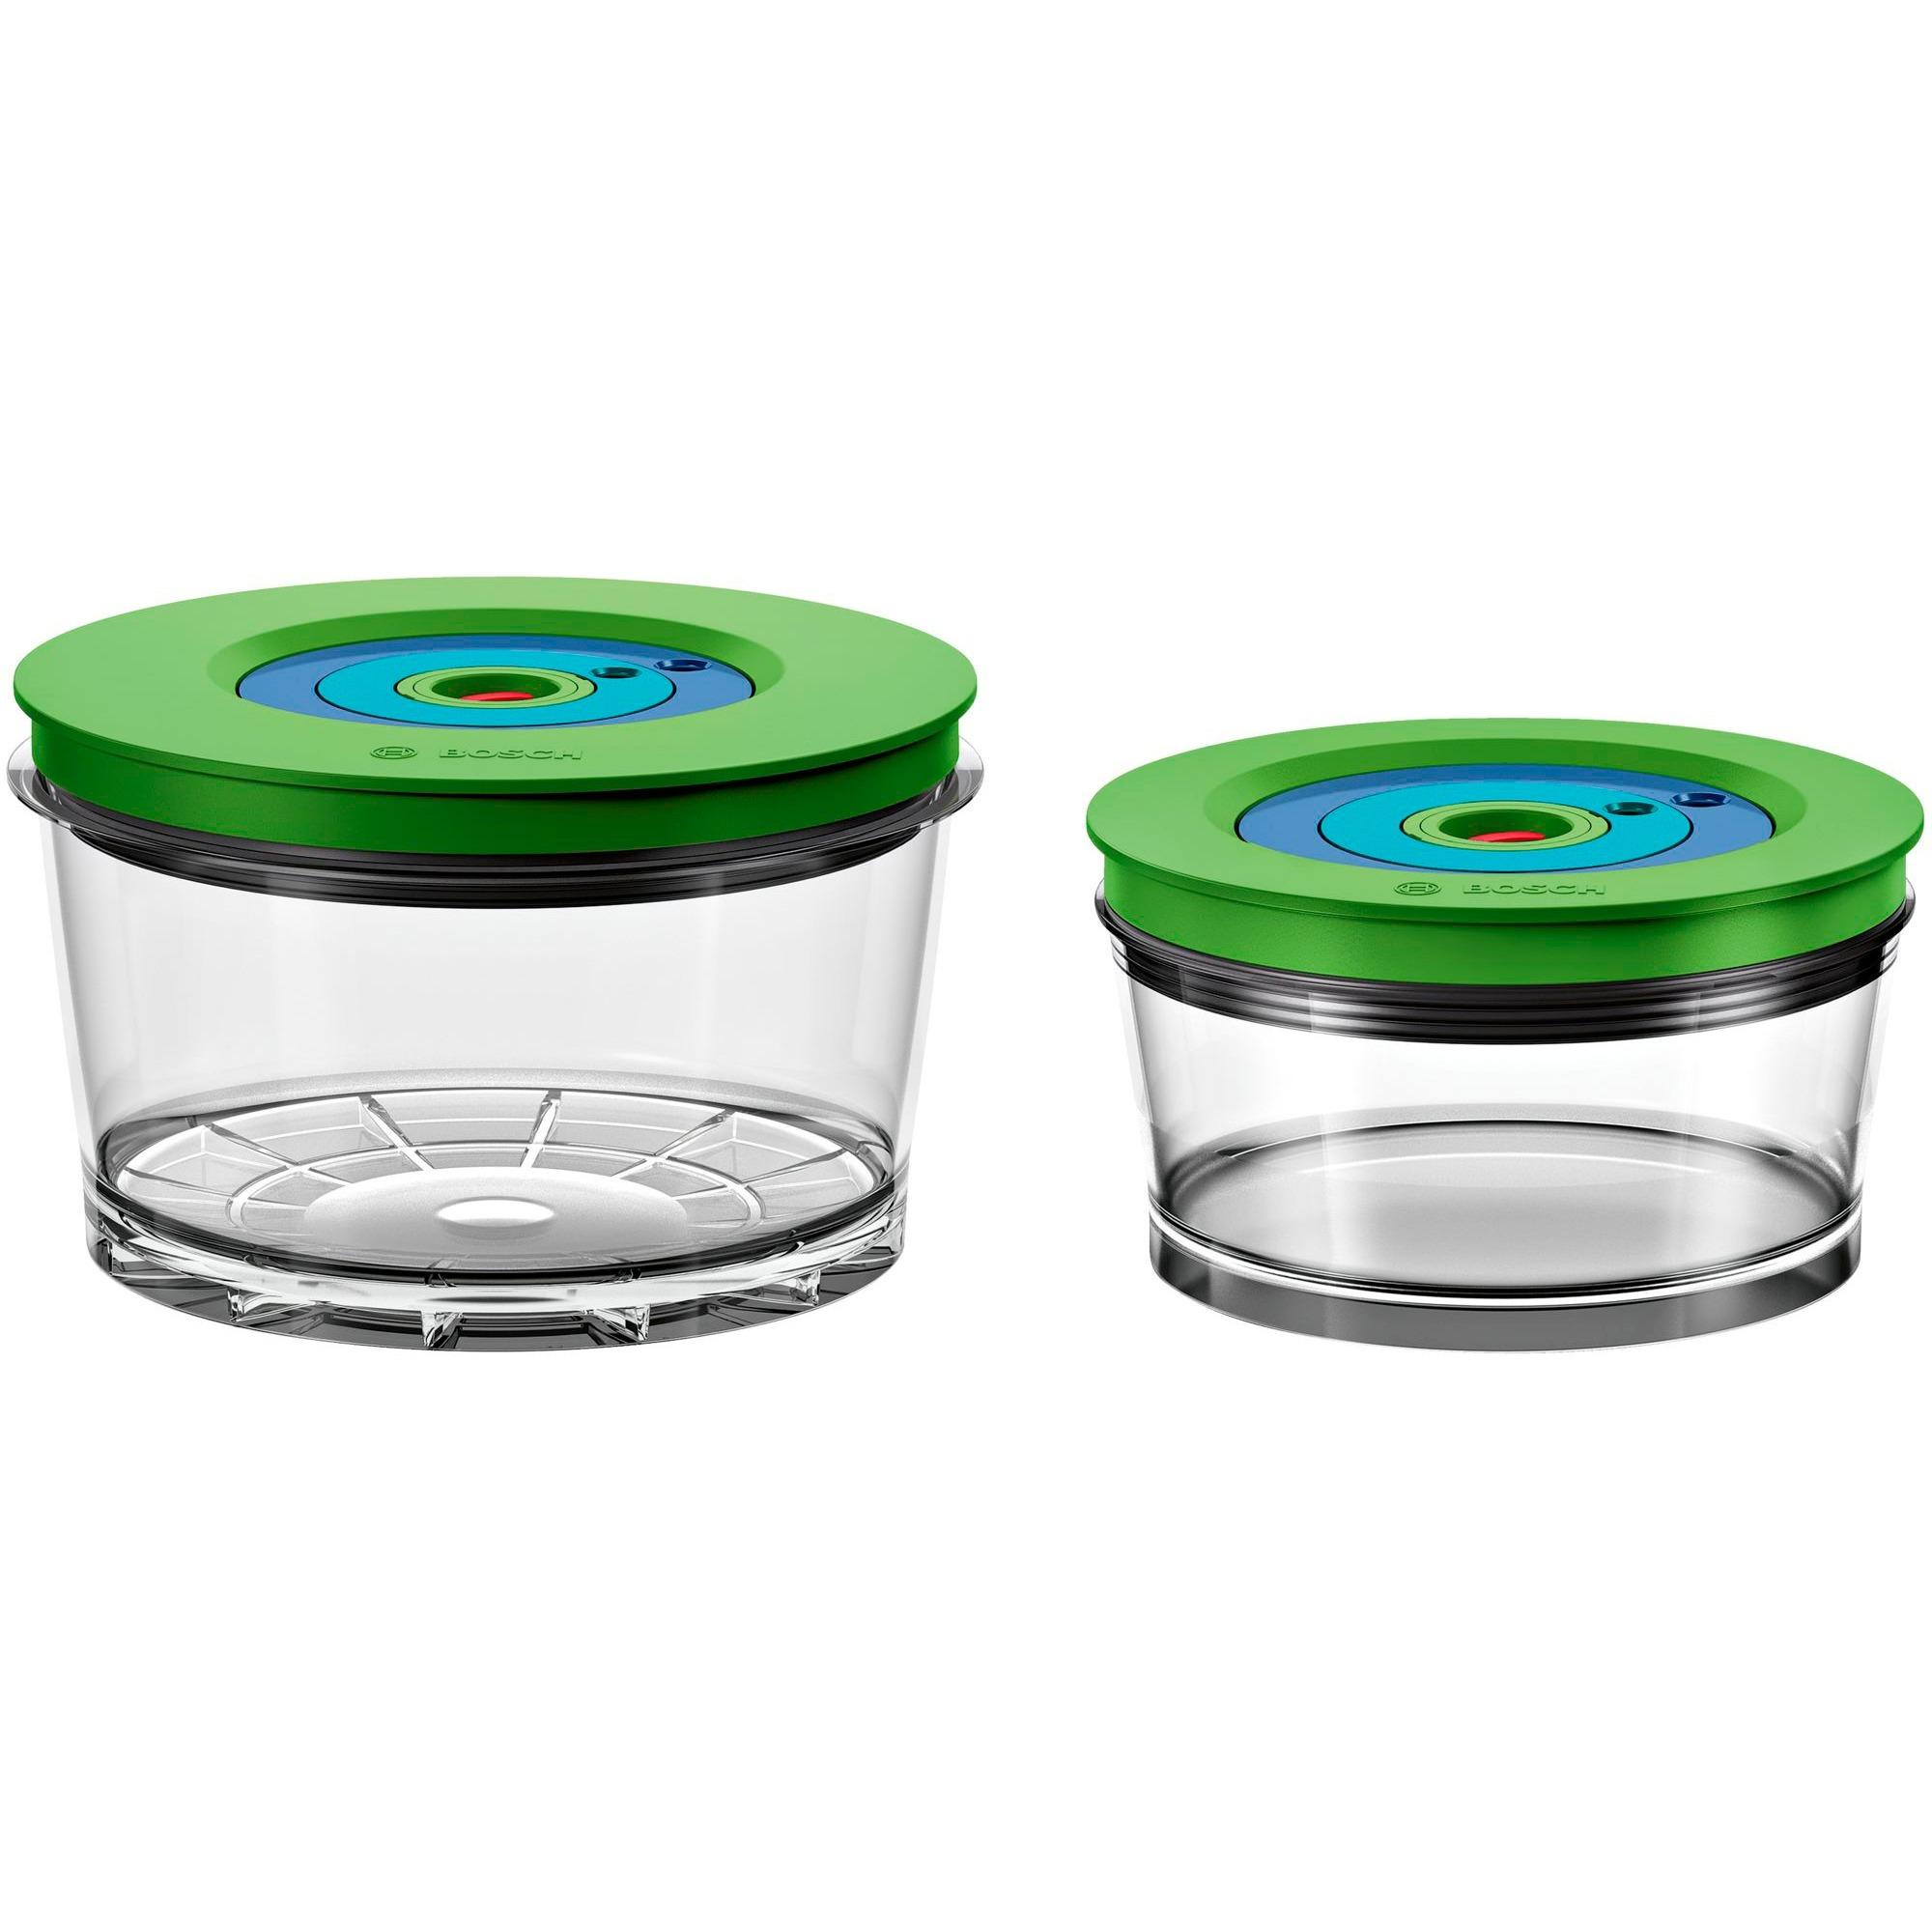 MMZV0SB2 recipiente de almacenar comida Caja Alrededor Verde, Transparente 2 pieza(s), Cuenco